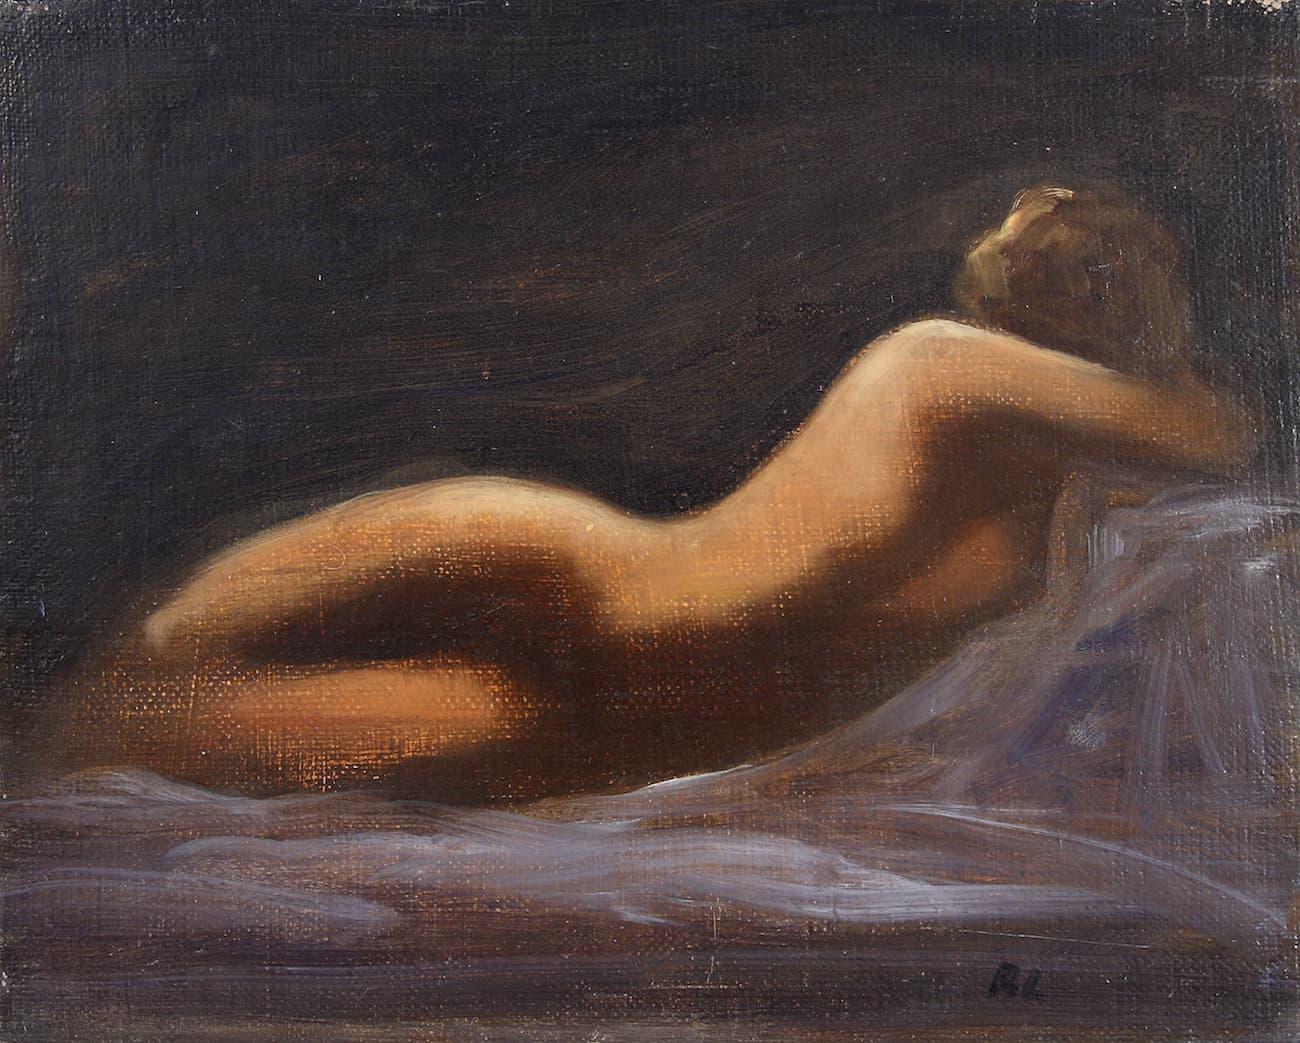 étude de nu enchères Robert Ladou